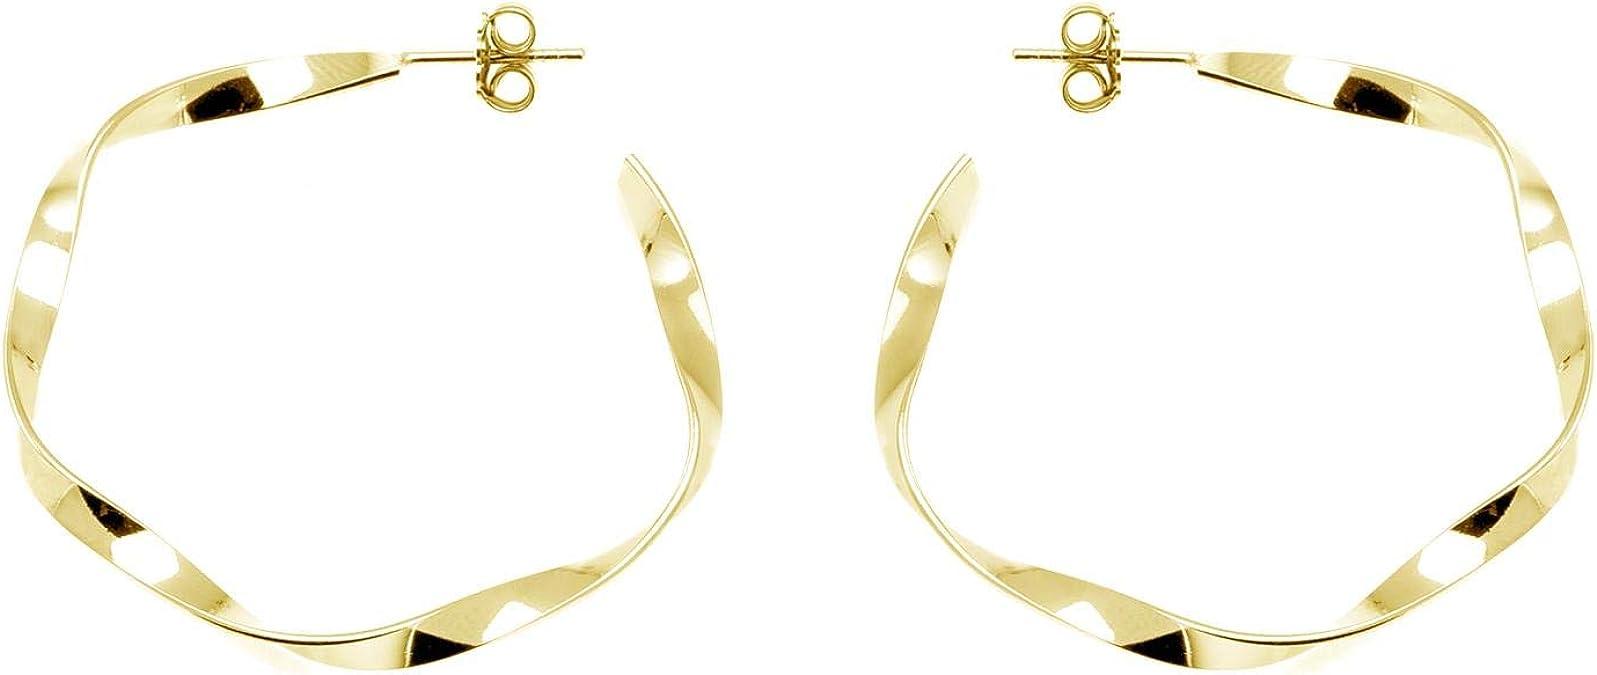 Damen Creolen Ohrringe verschlungen 925 Sterling Silber bicolor vergoldet